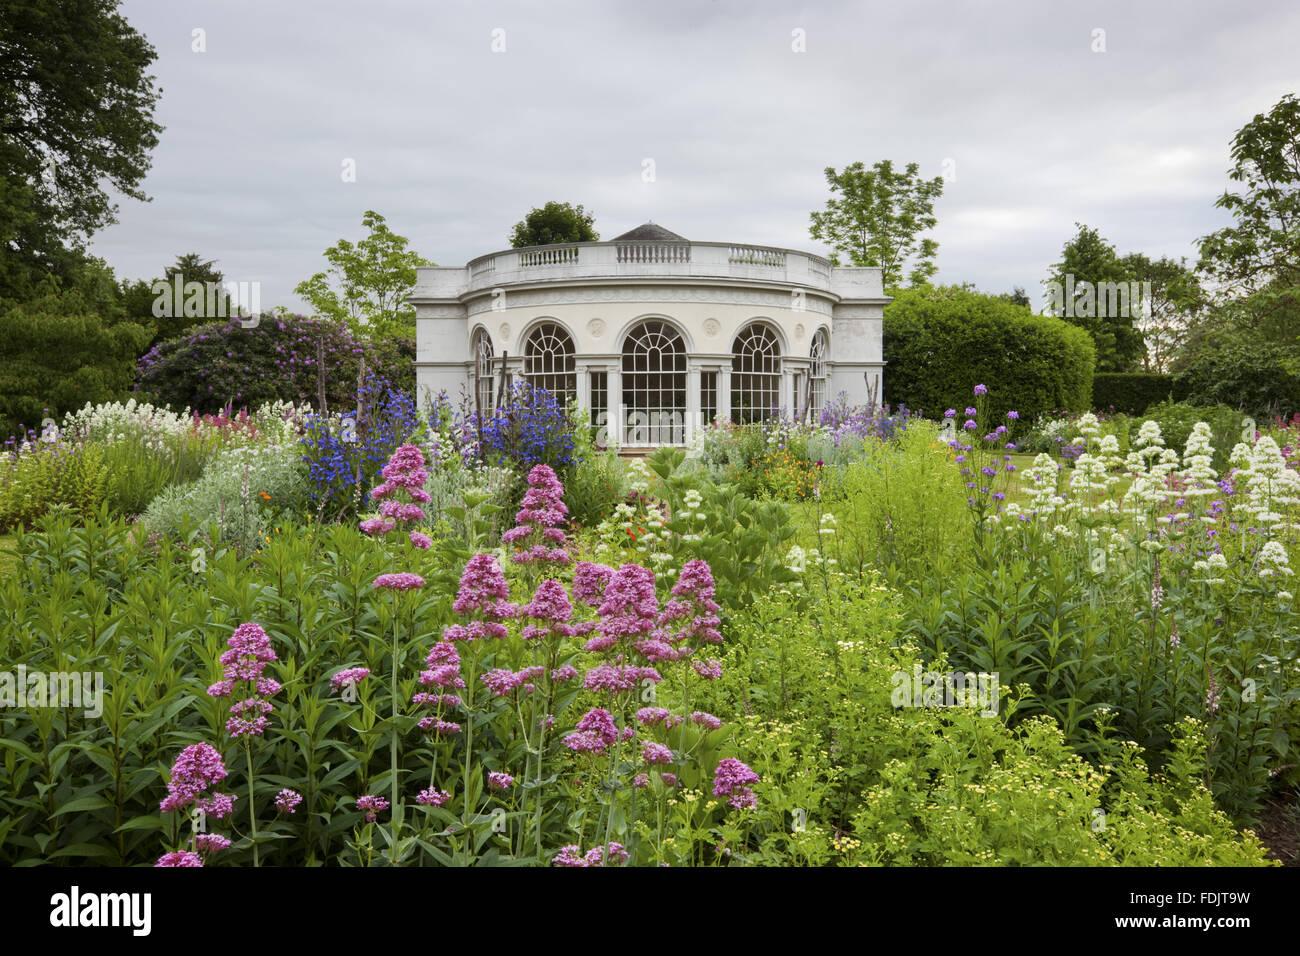 La maison du jardin, construit en 1780 par Robert Adam, dans le motif de plaisir à Osterley, Middlesex. Le bâtiment a une façade semi-circulaire et de pilastres ioniques. Banque D'Images